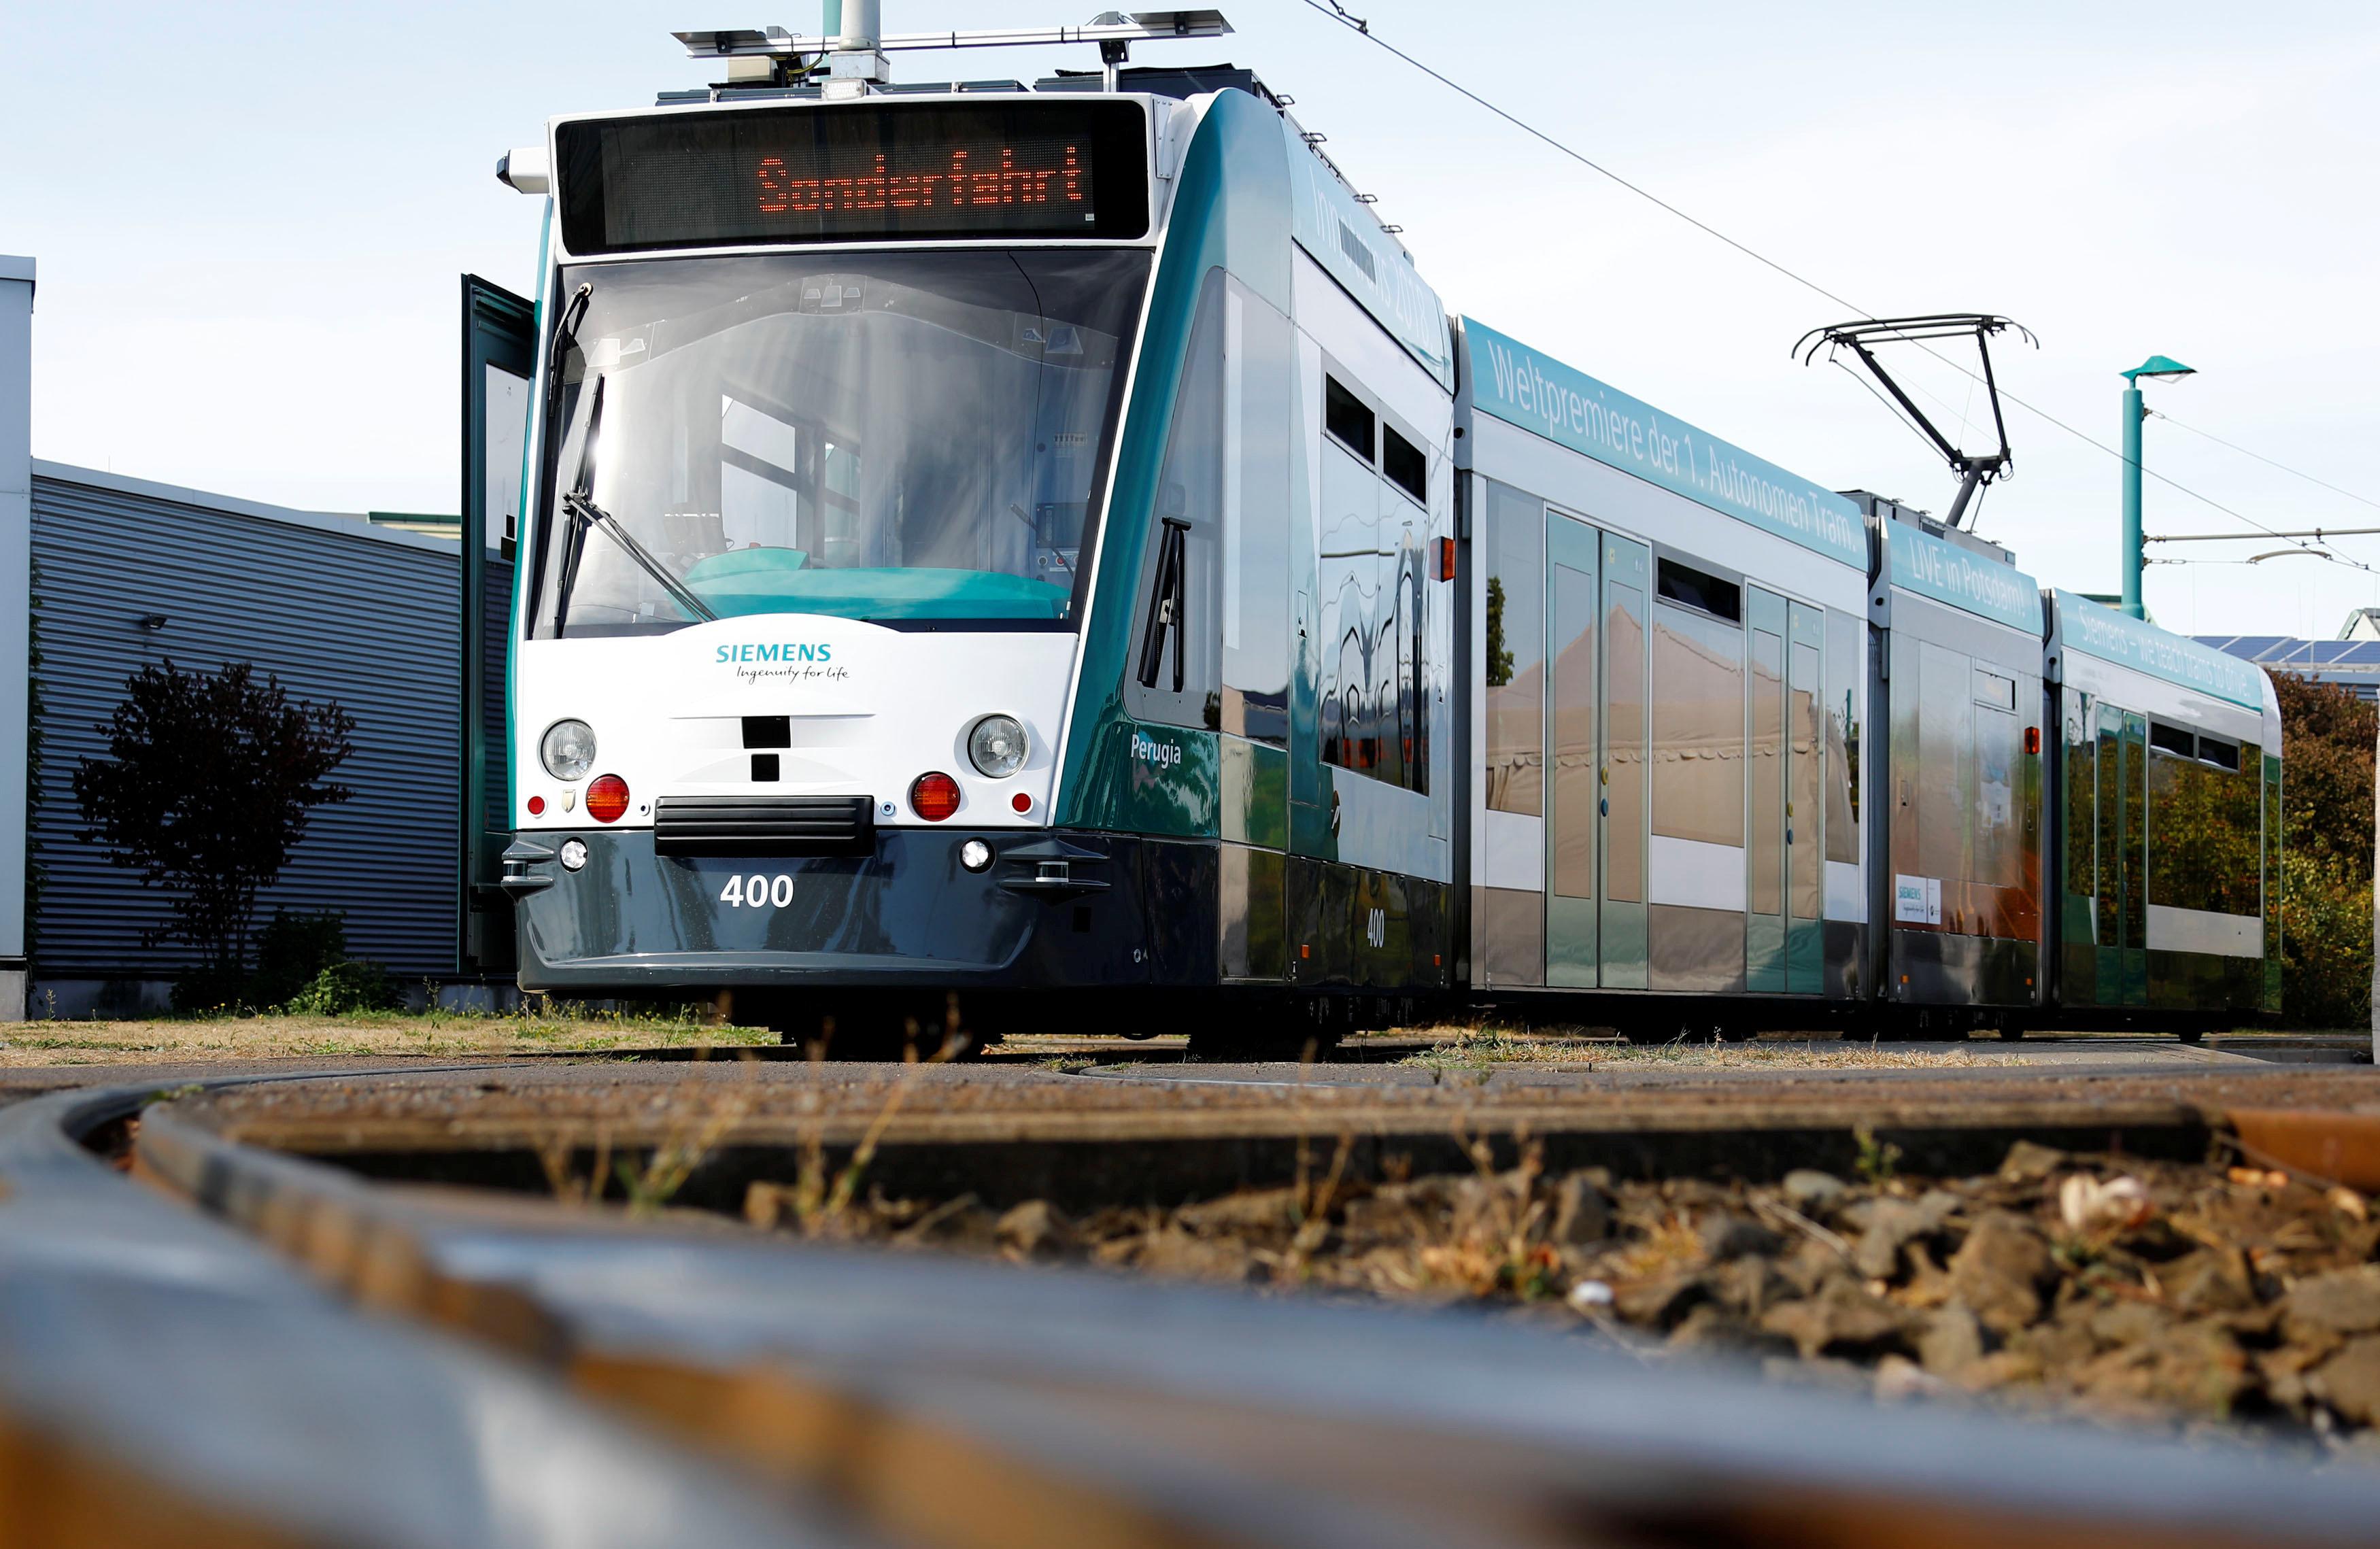 Παγκόσμια πρώτη στη Γερμανία για τo τραμ που διαθέτει τεχνητή νοημοσύνη και κυκλοφορεί χωρίς οδηγό